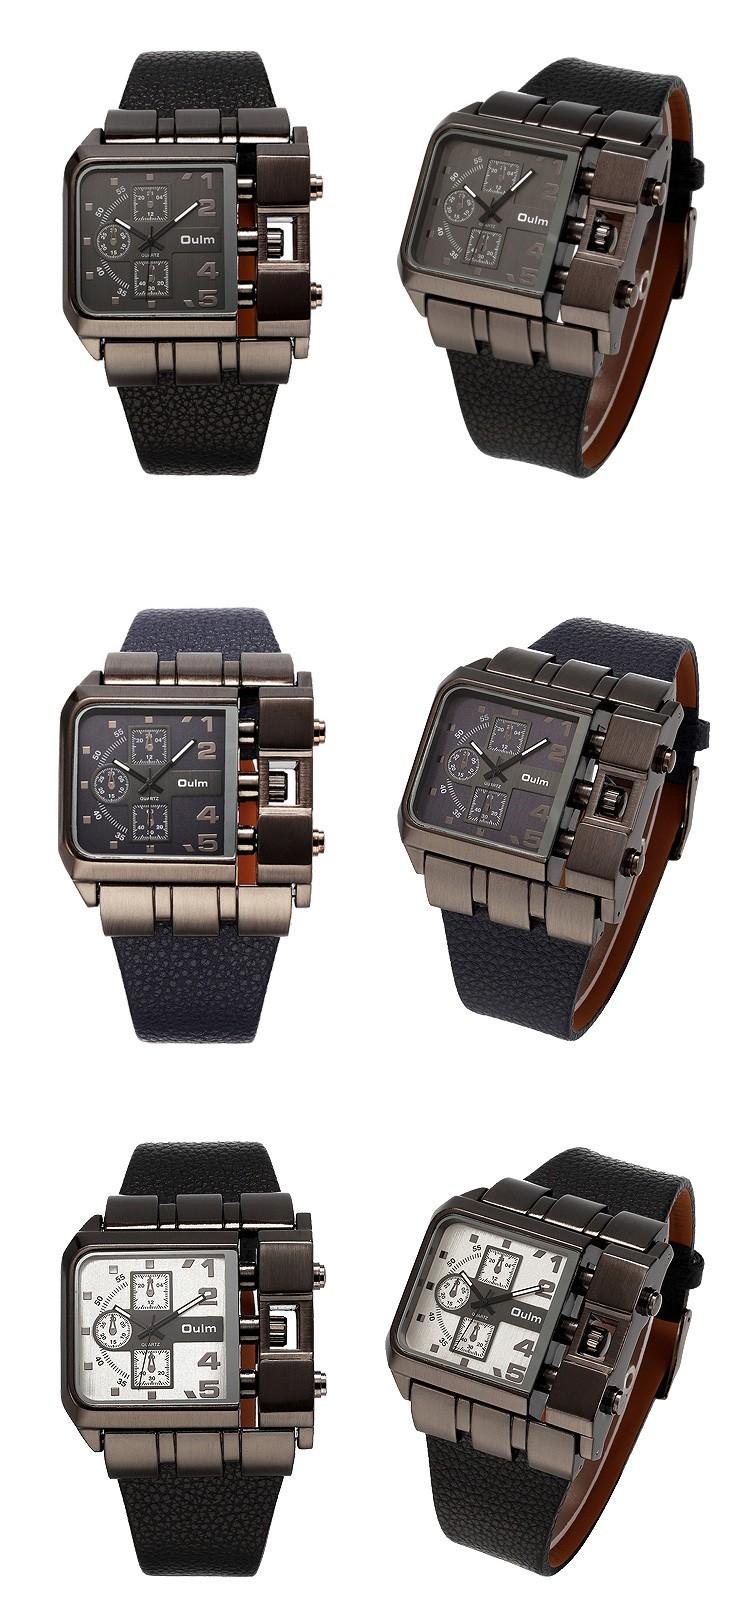 Topdudes.com - Original Unique Rectangle Design Wide Dial Leather Strap Quartz Wristwatch for Men